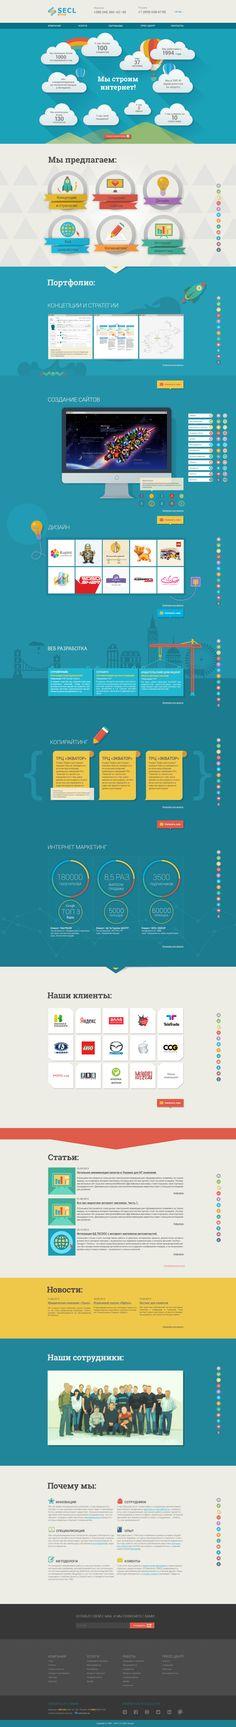 Unique Web Design, SECL Group #WebDesign #Design (http://www.pinterest.com/aldenchong/)